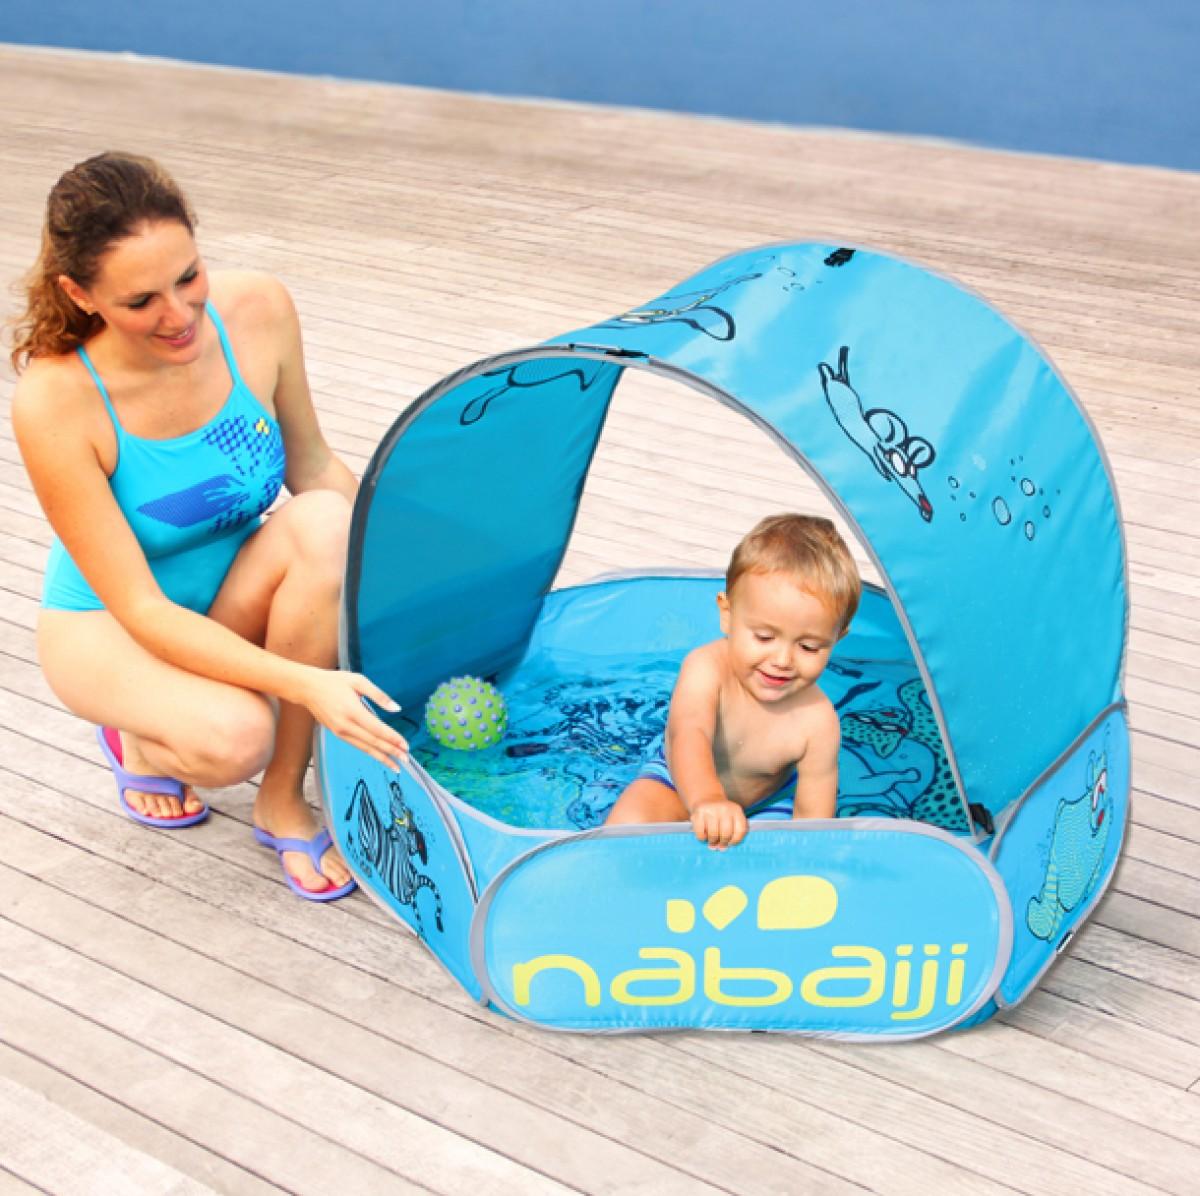 Çocuklarınız İçin Eglenceli, Sportif ve Renkli Ürünler Decathlon'da 80